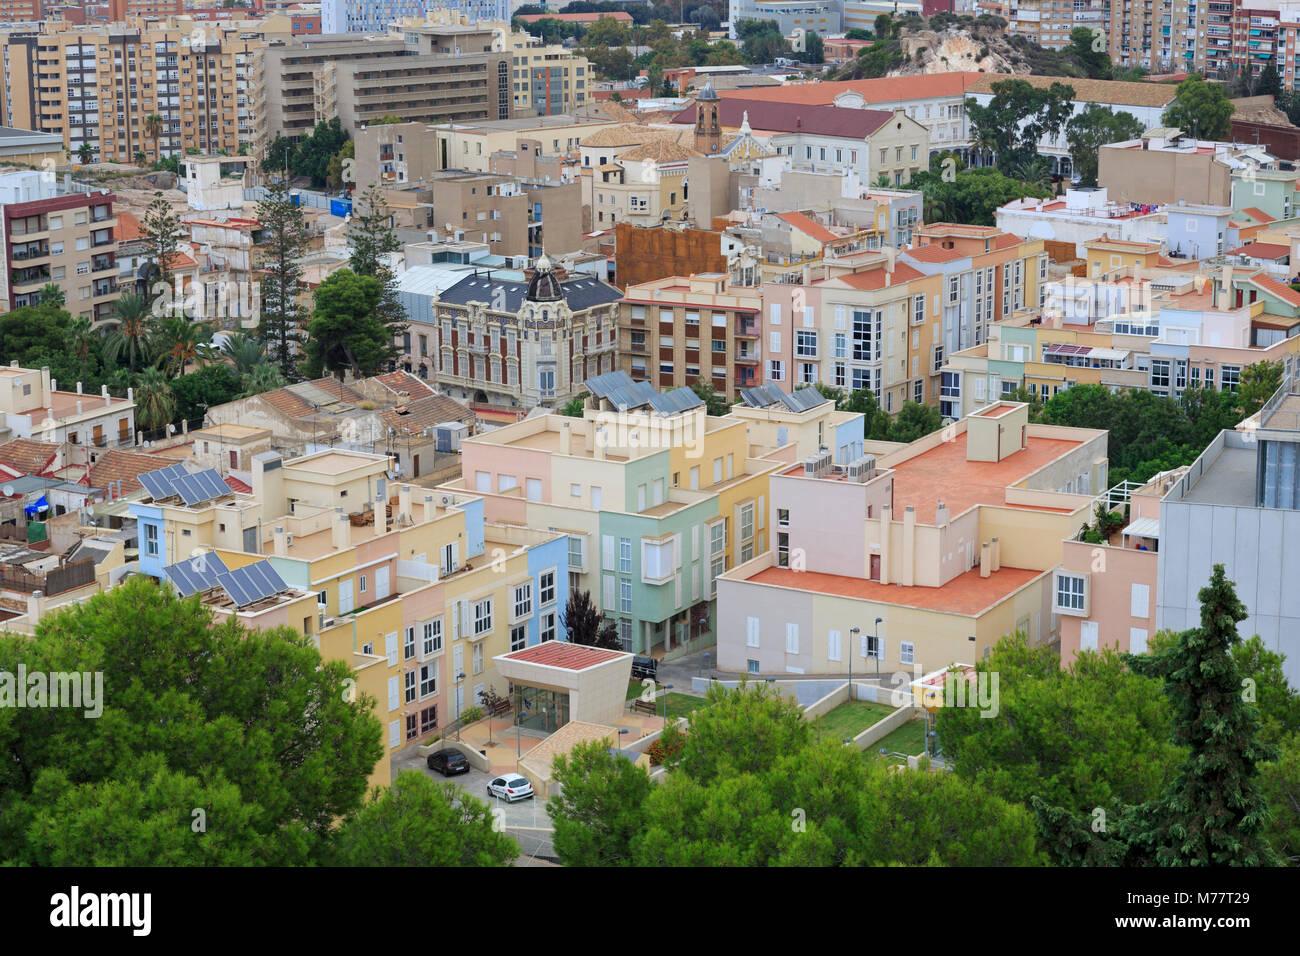 Cartagena, Murcia, Spain, Europe Photo Stock